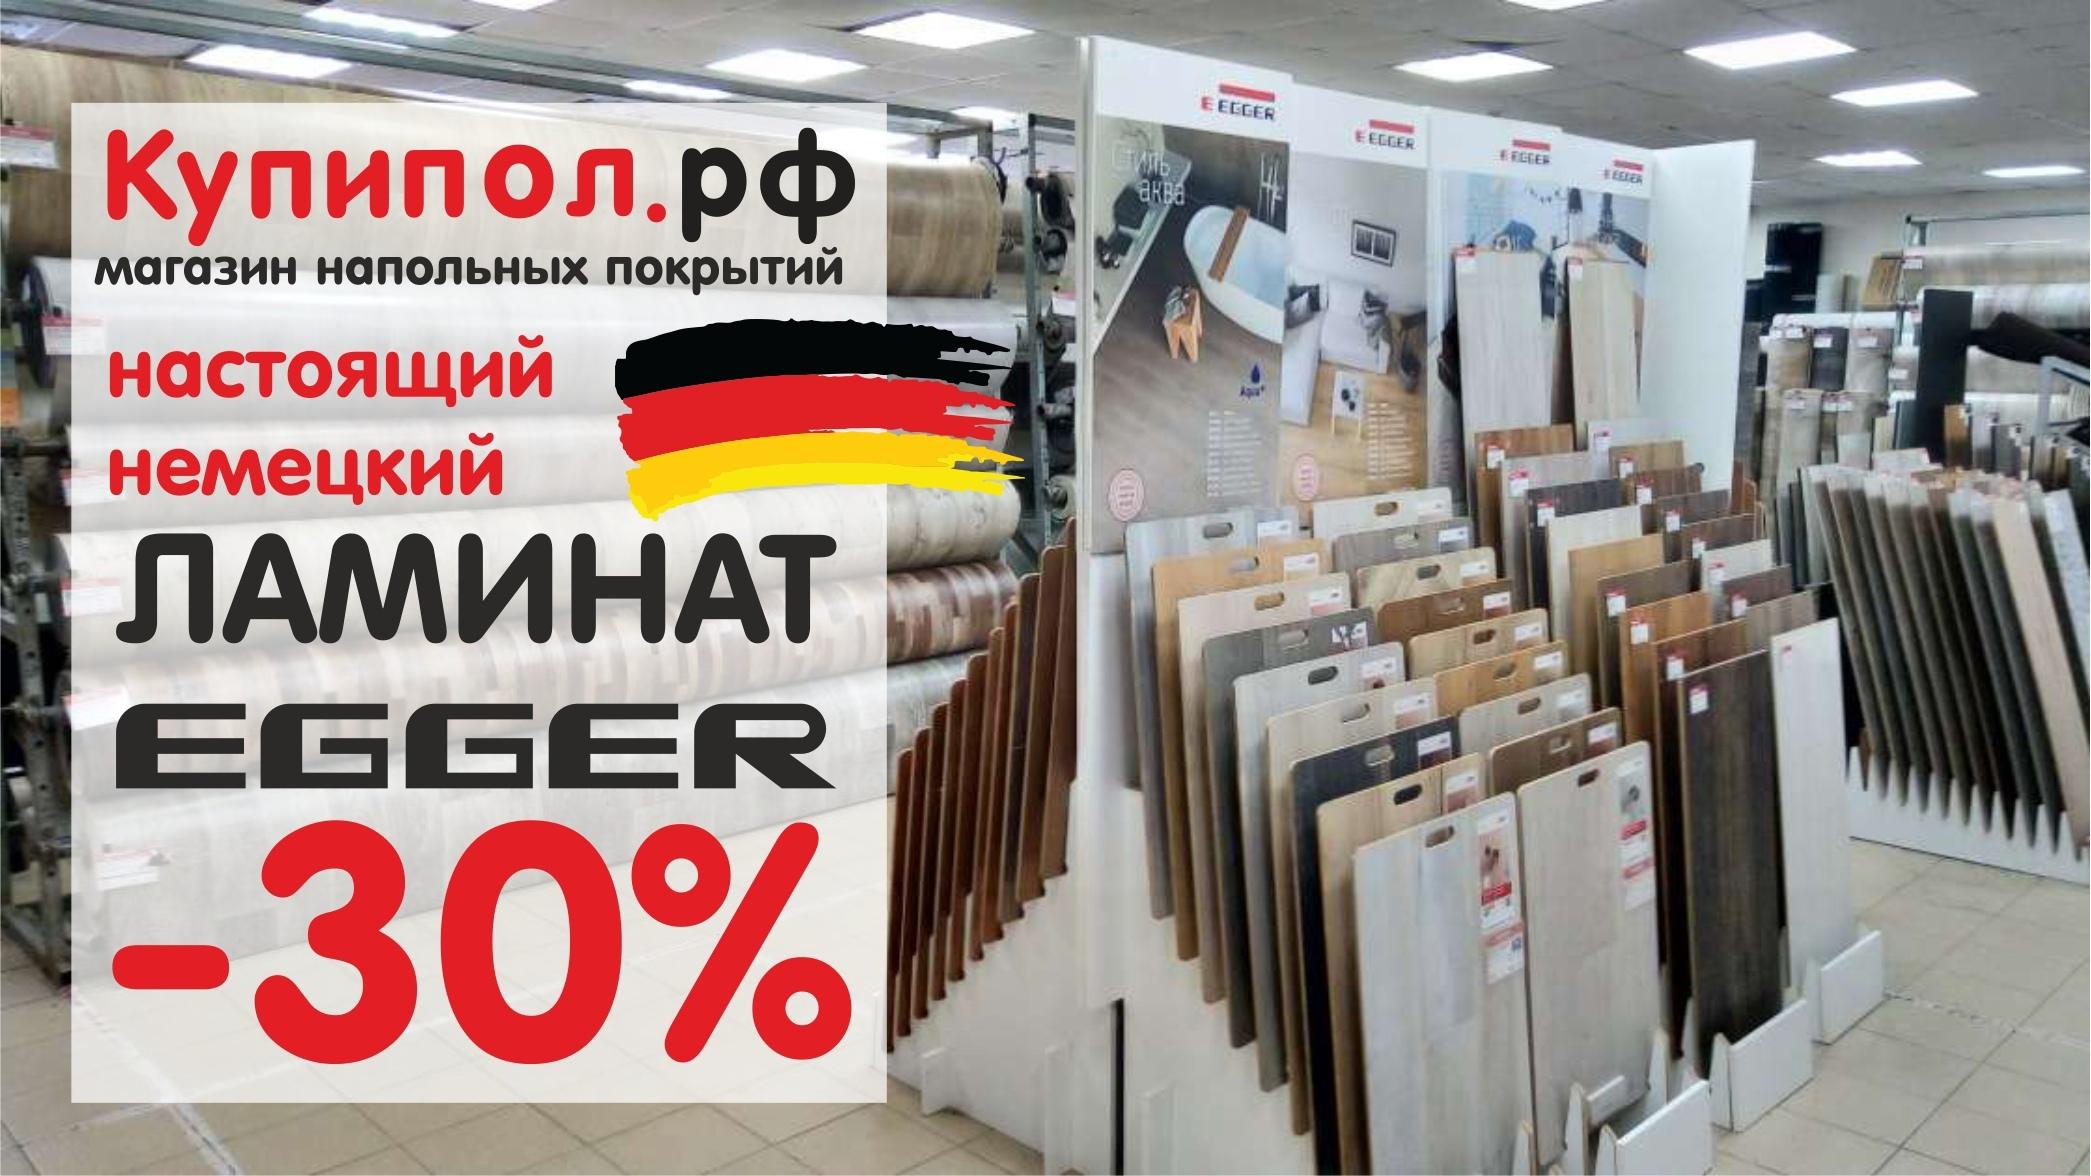 ❗❗❗Внимания, АКЦИЯ!❗❗❗  Распродажа настоящего немецкого ламината